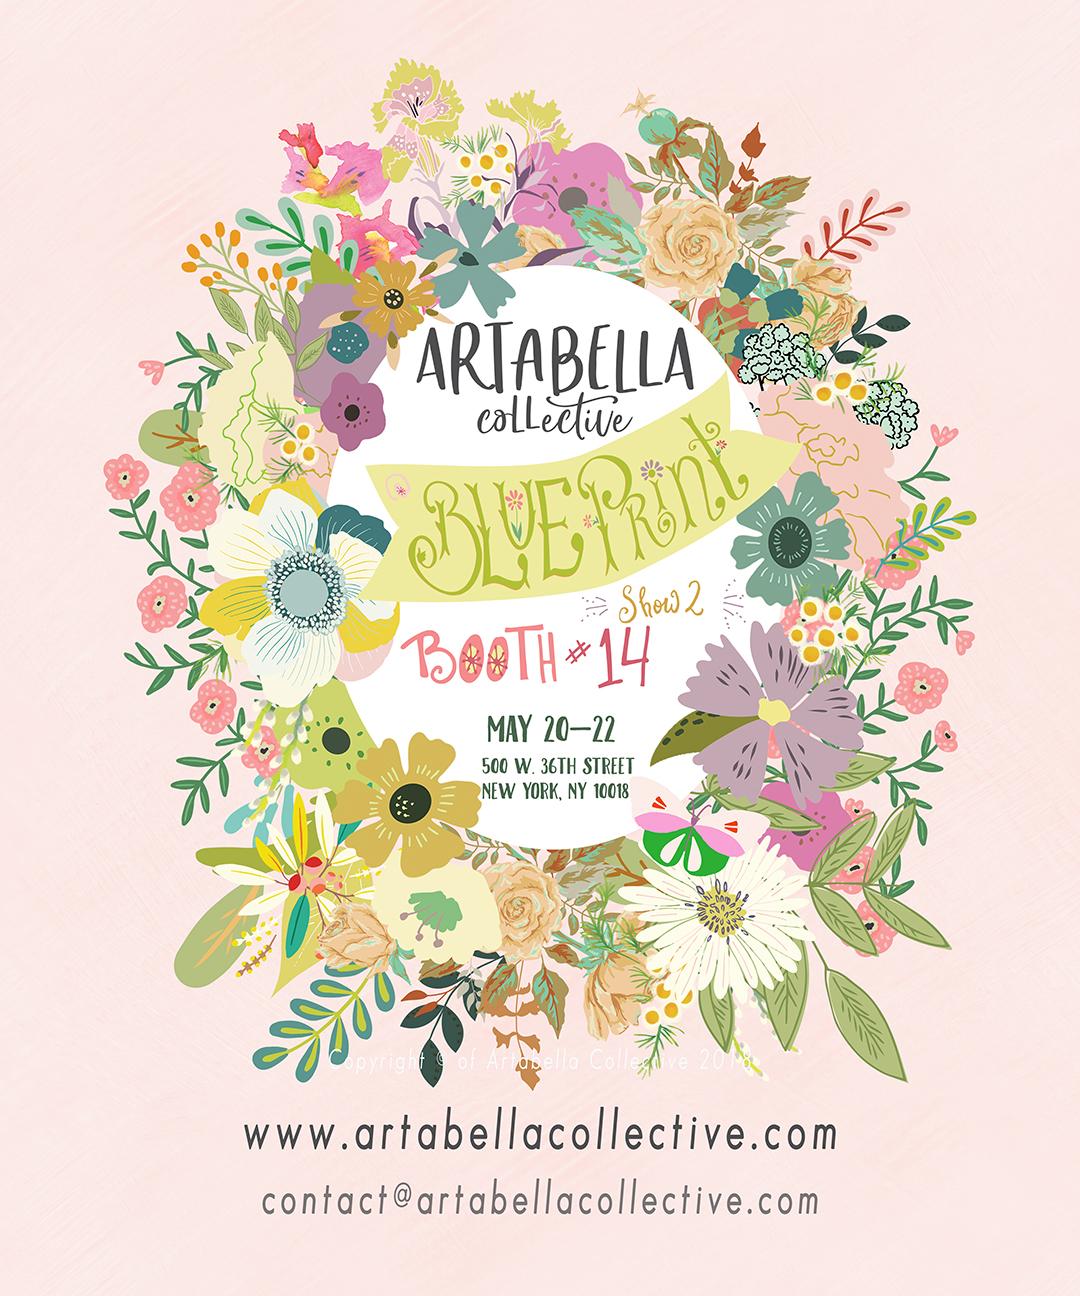 Artabella Collective Flyer RISE DESIGN.jpg